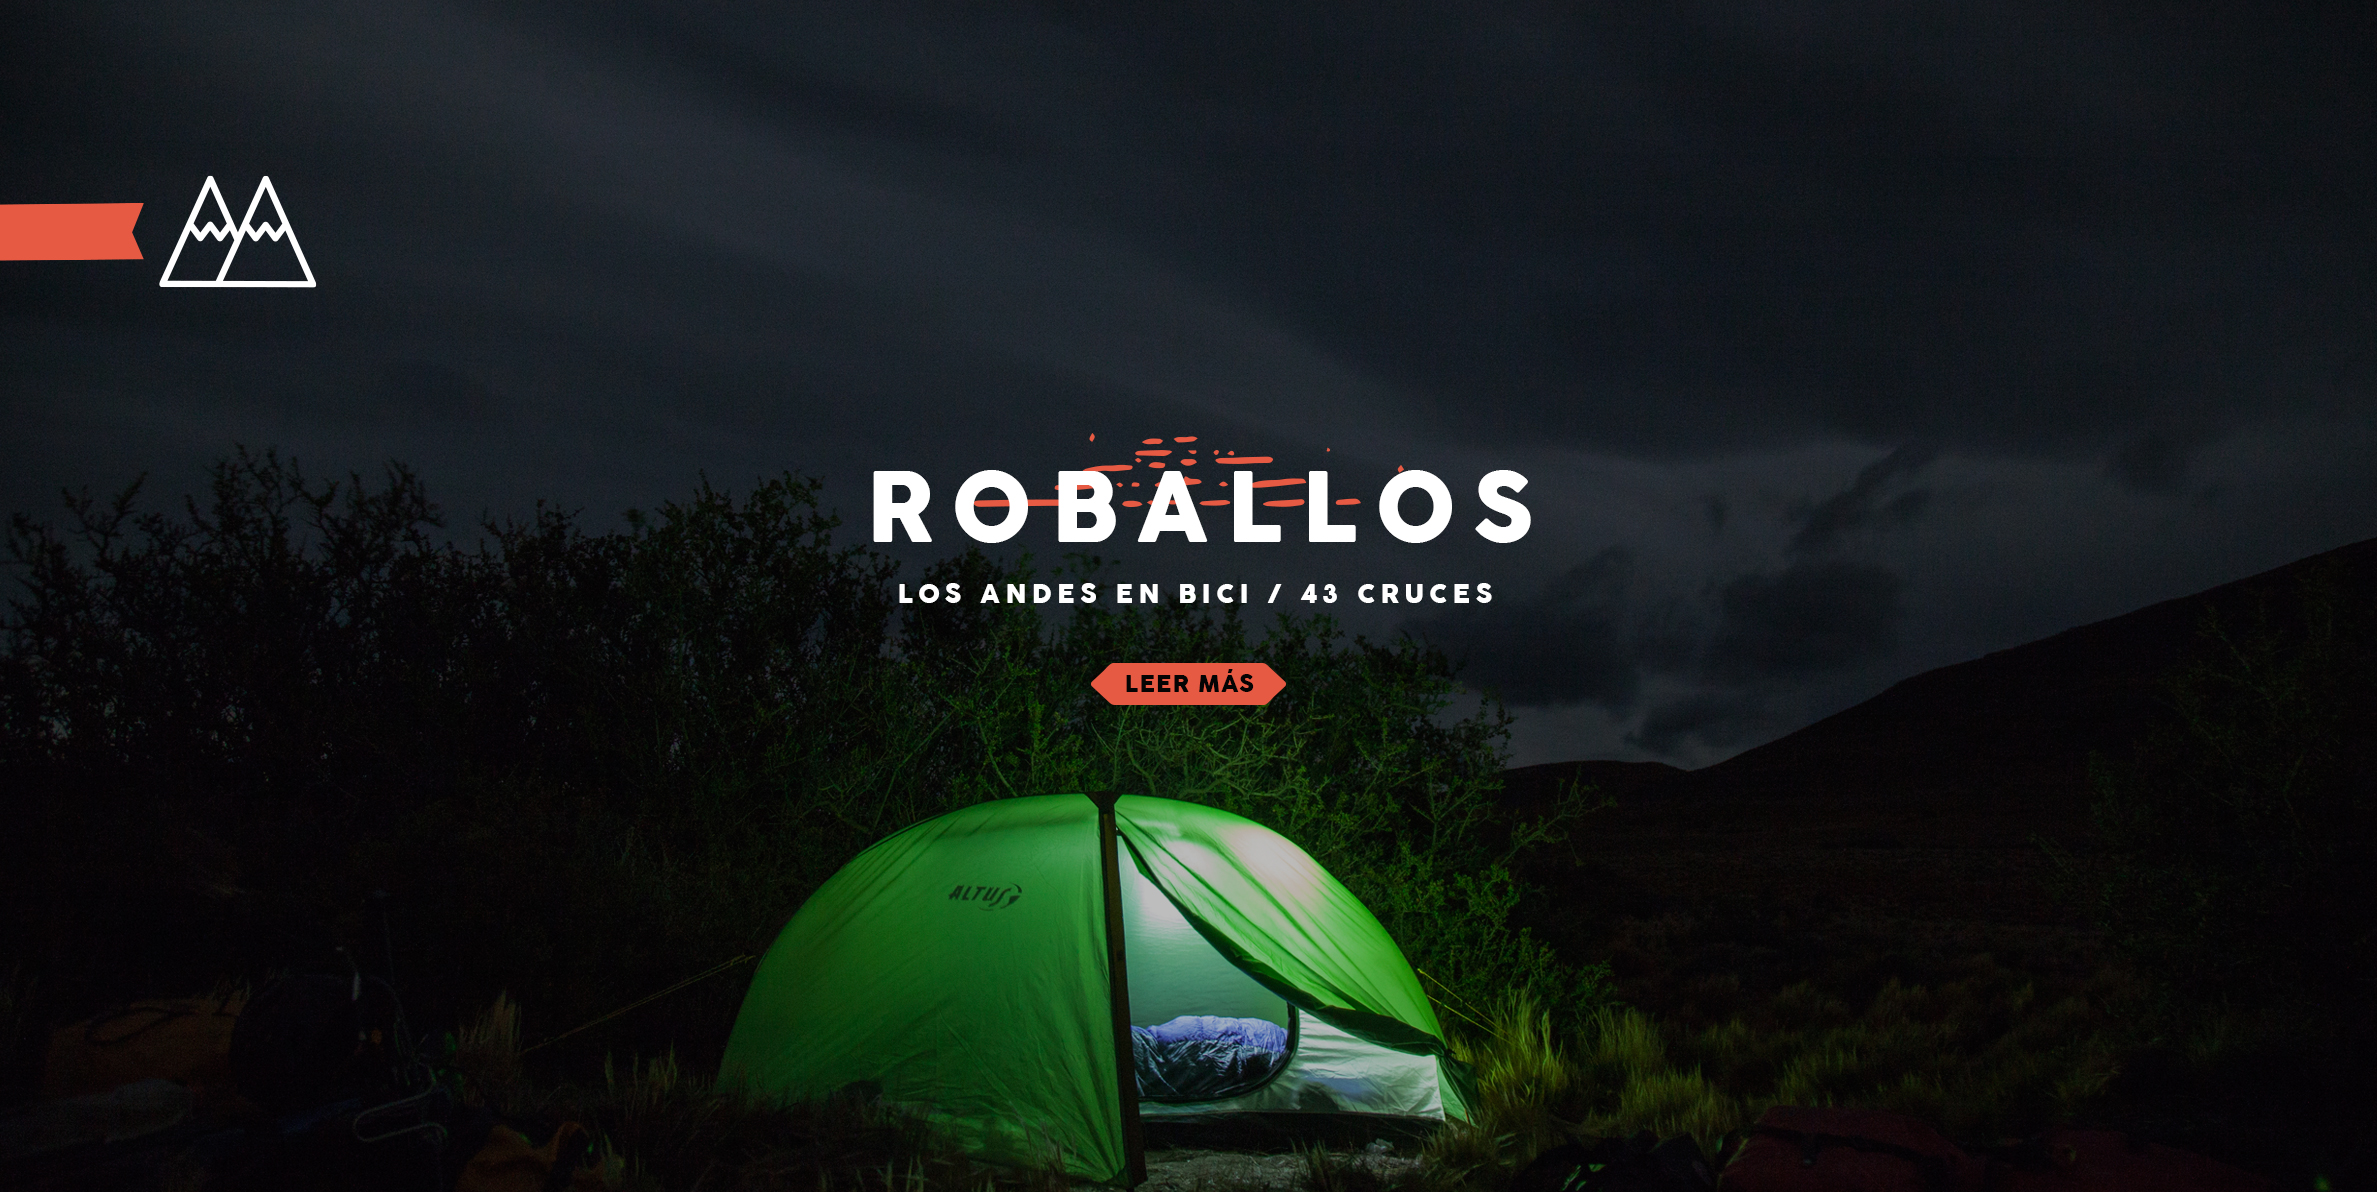 Paso Roballos- Cruce de los Andes en bici